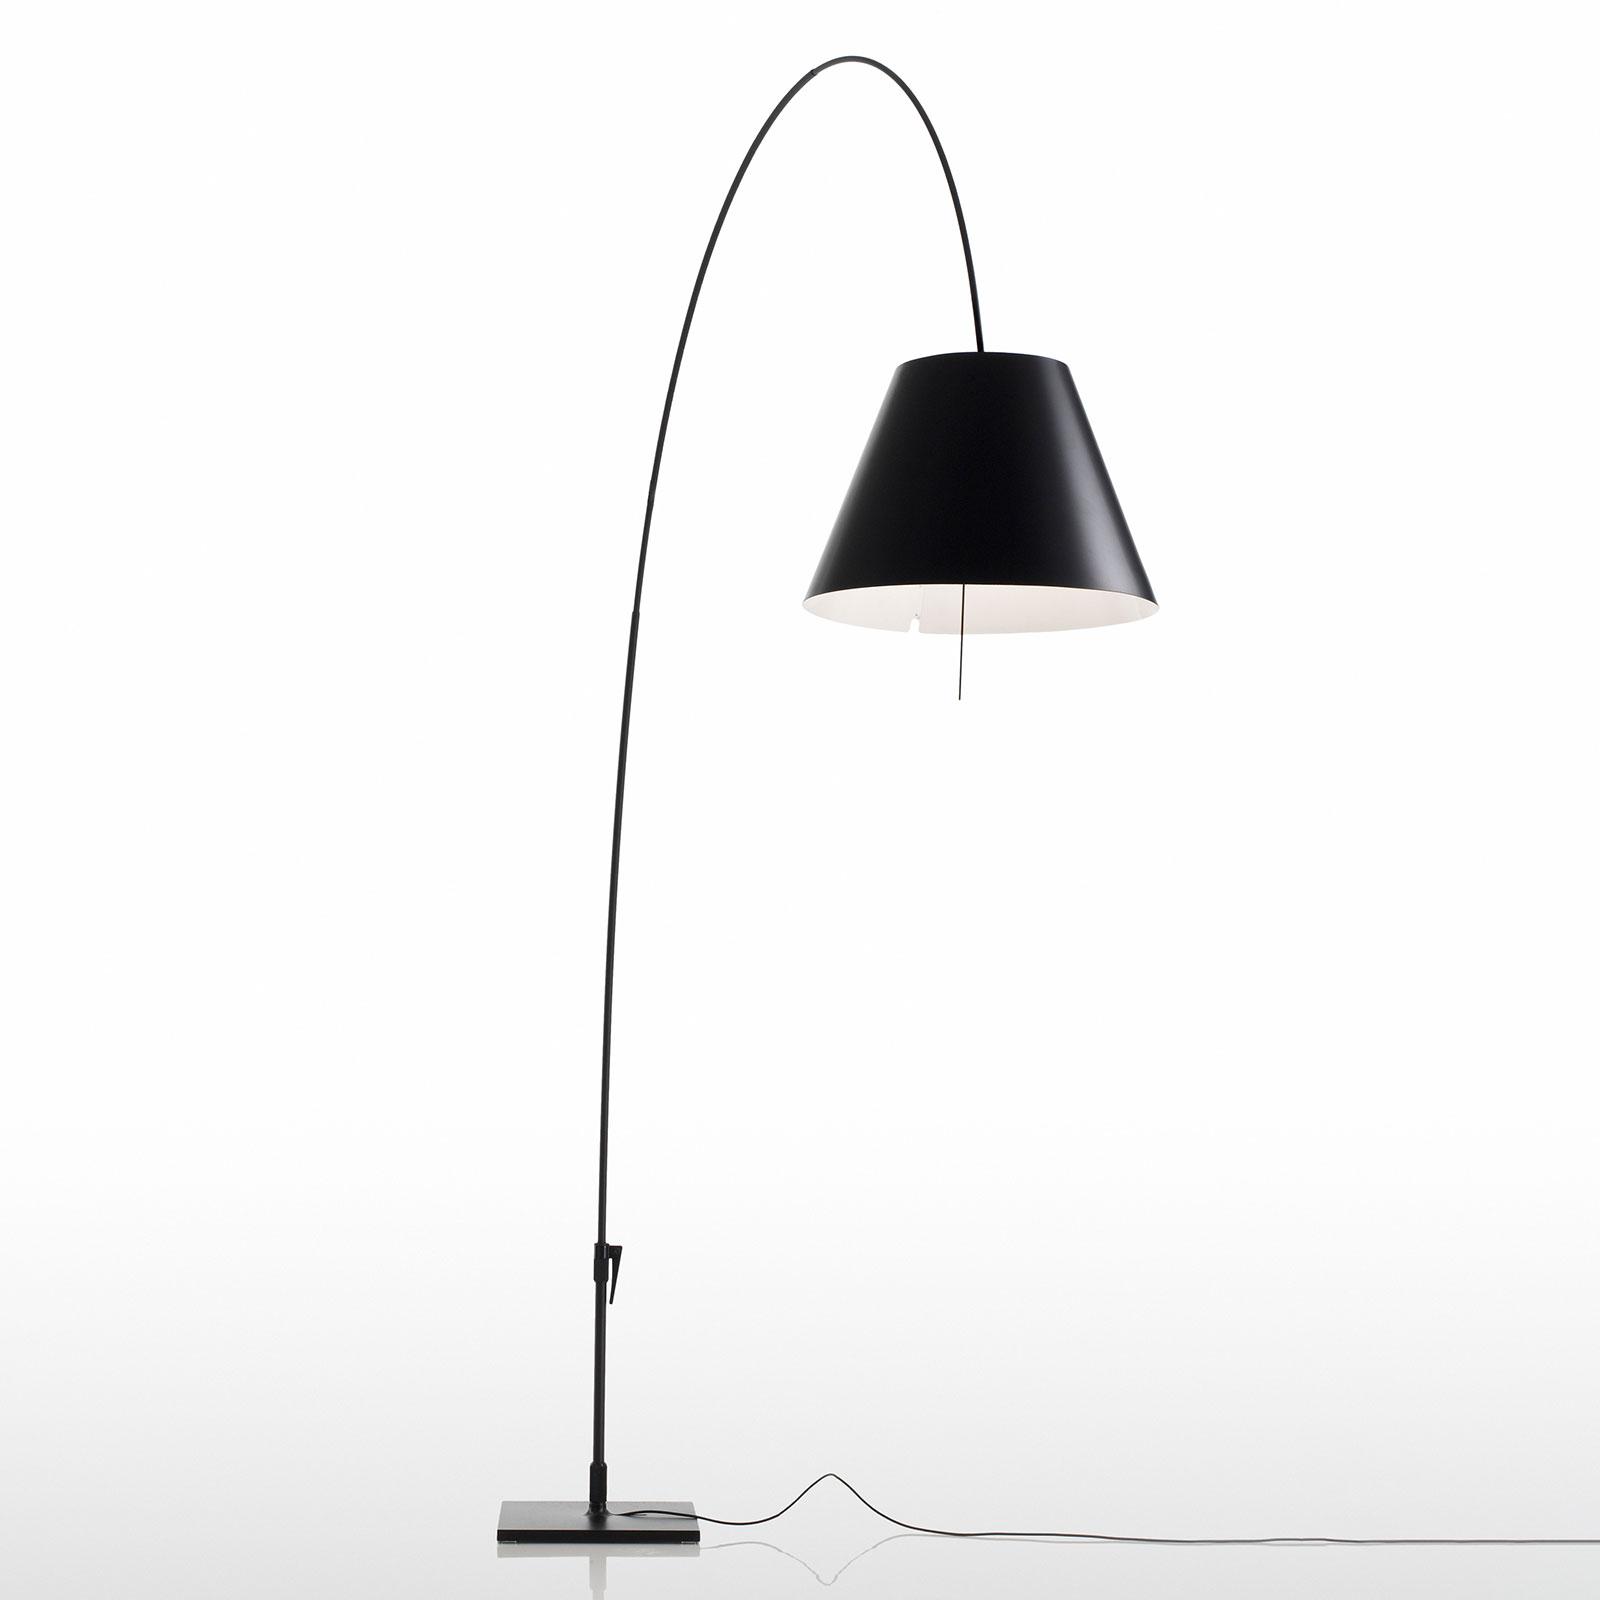 Luceplan Lady Costanza lampadaire D13E d, noir